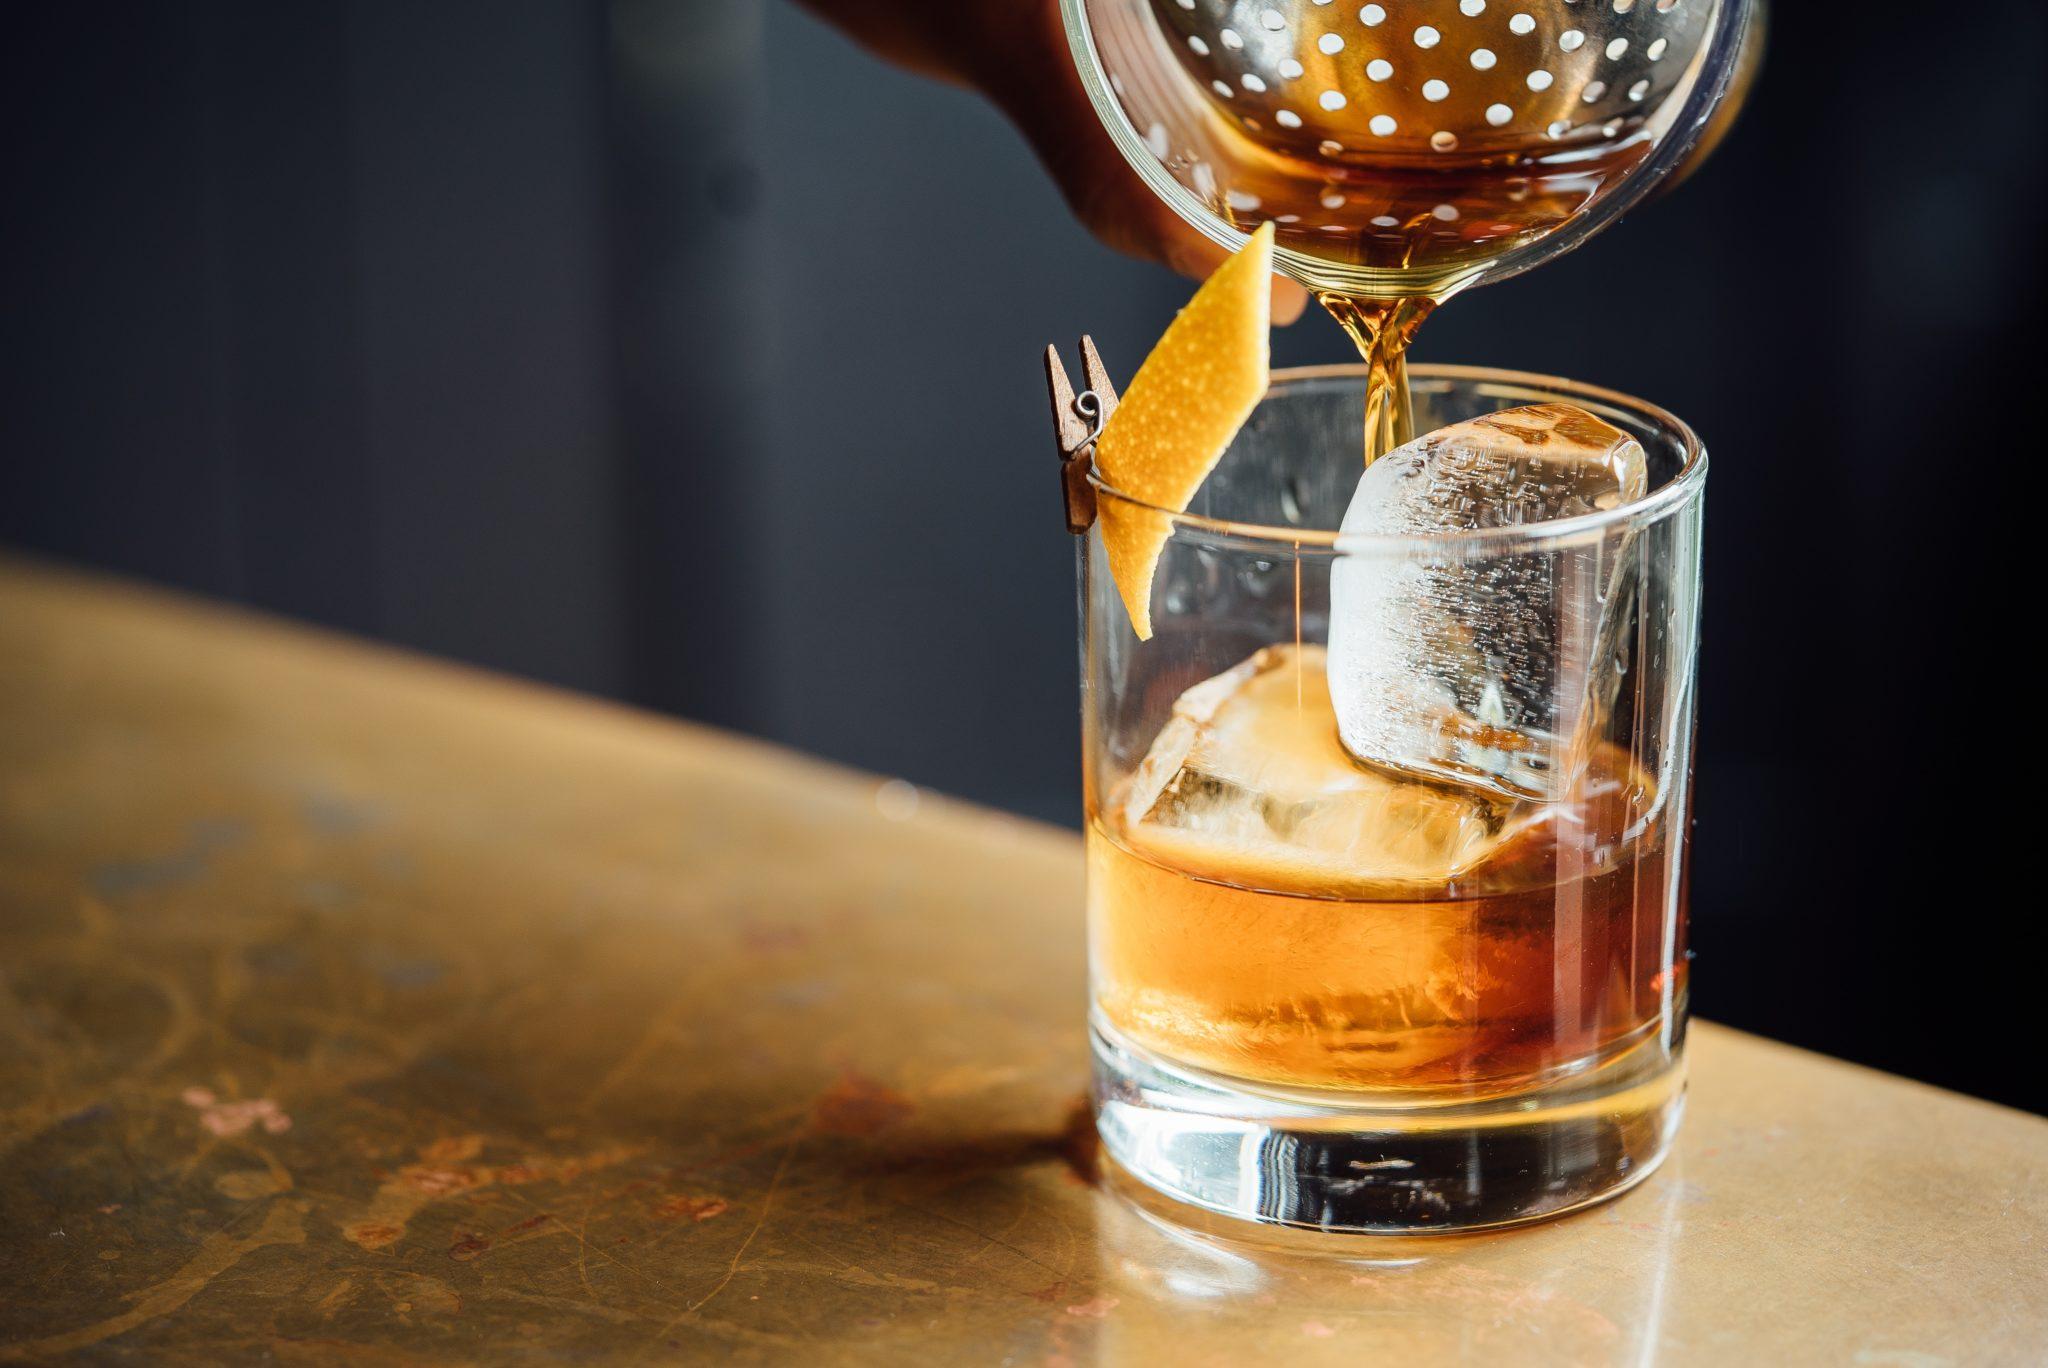 Szklanka whisky z lodem, do któej nalewany jest alkohol